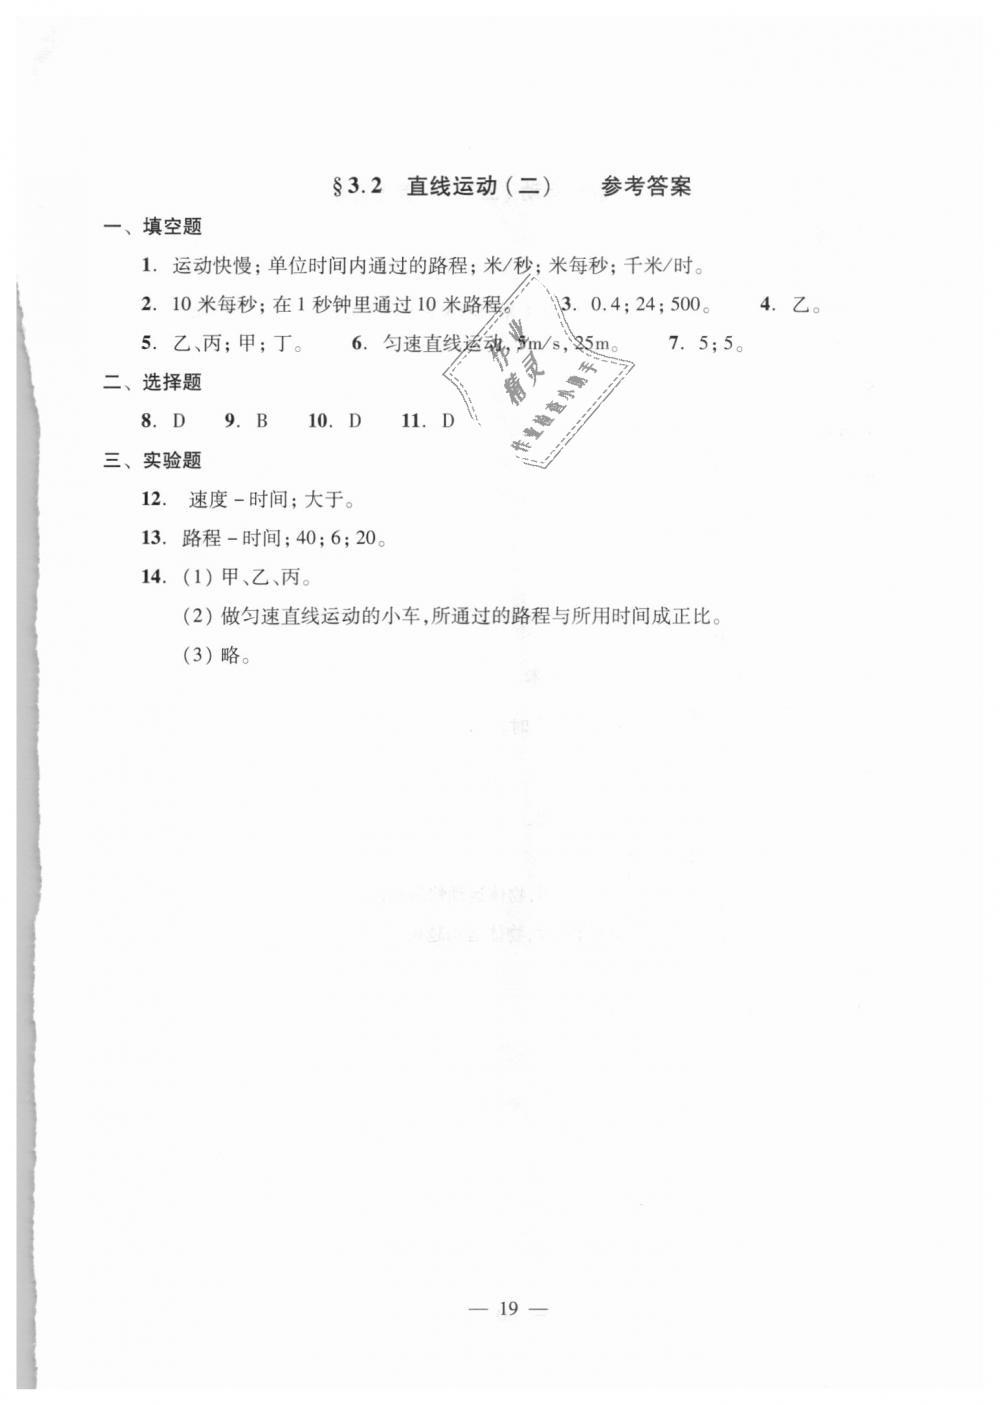 2018年初中物理双基过关堂堂练八年级全一册沪教版第19页